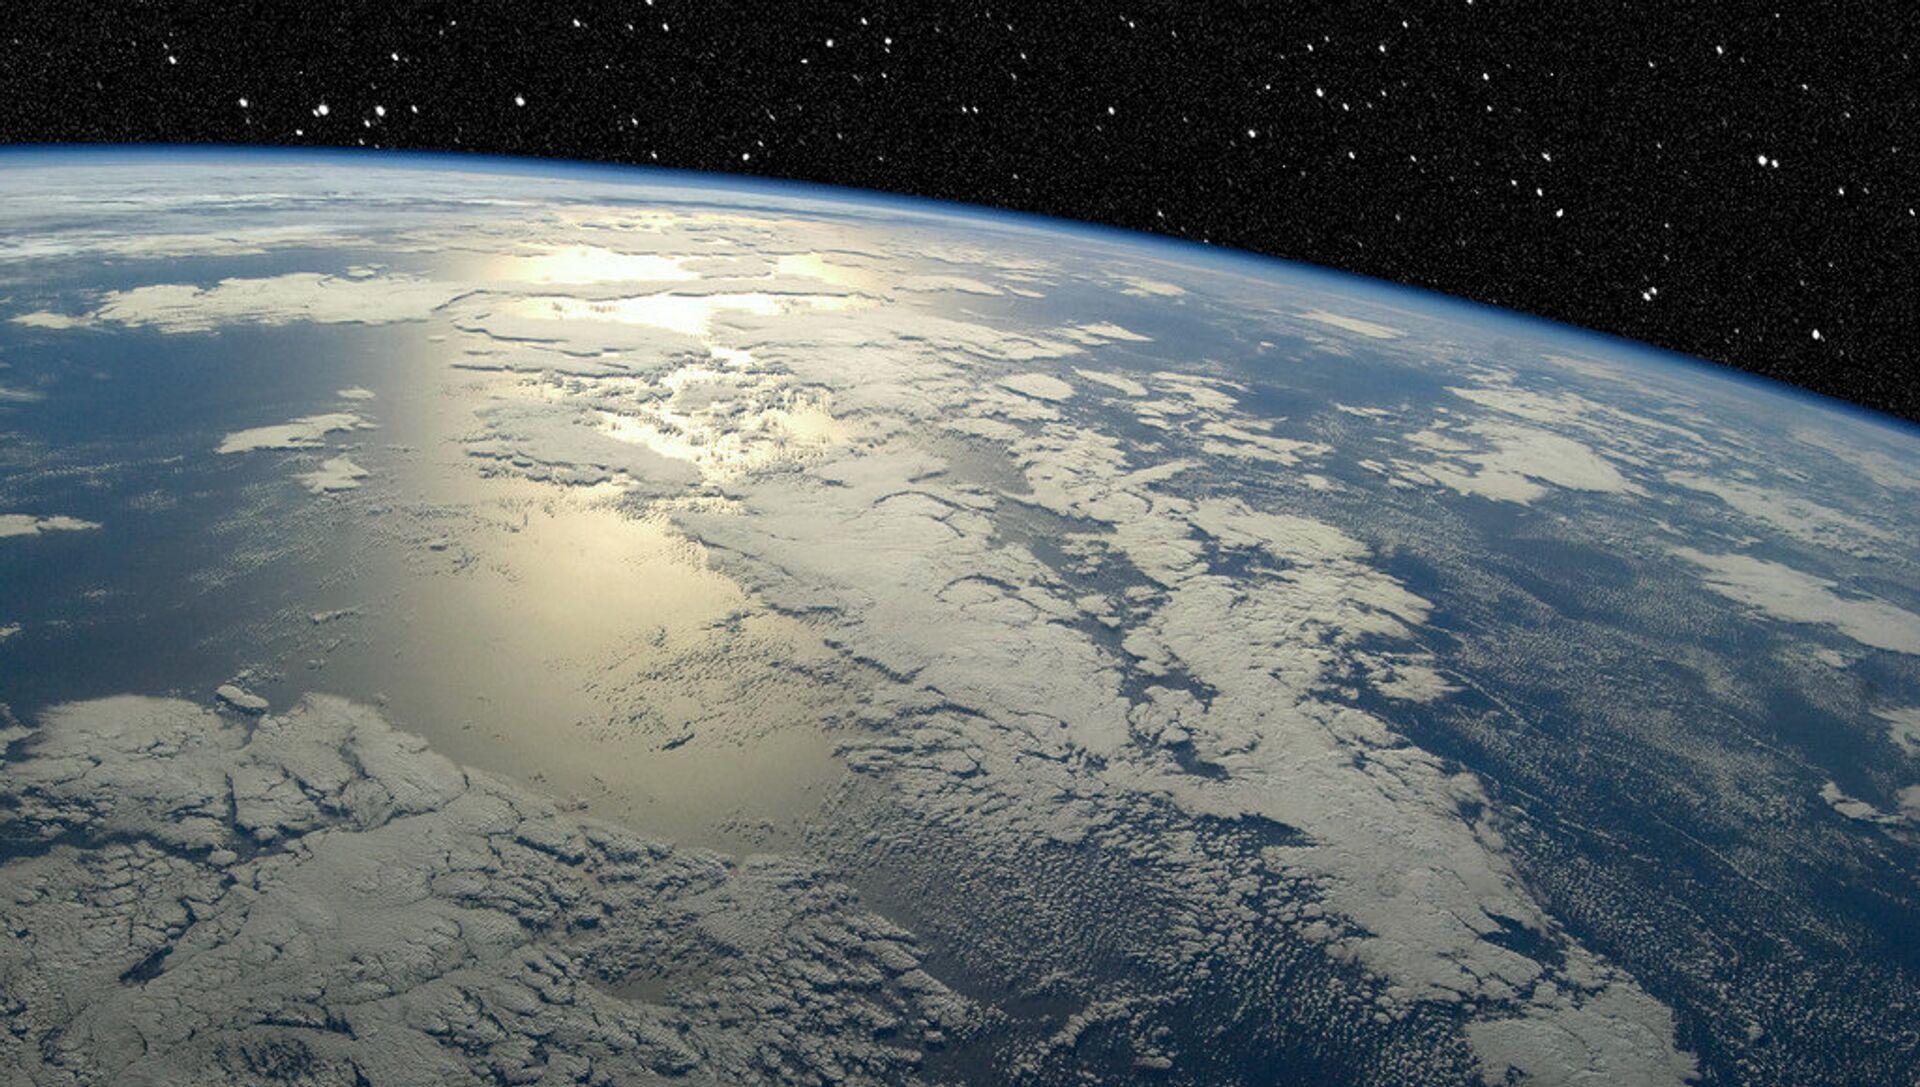 Планетны краявід з космасу - Sputnik Беларусь, 1920, 19.02.2021